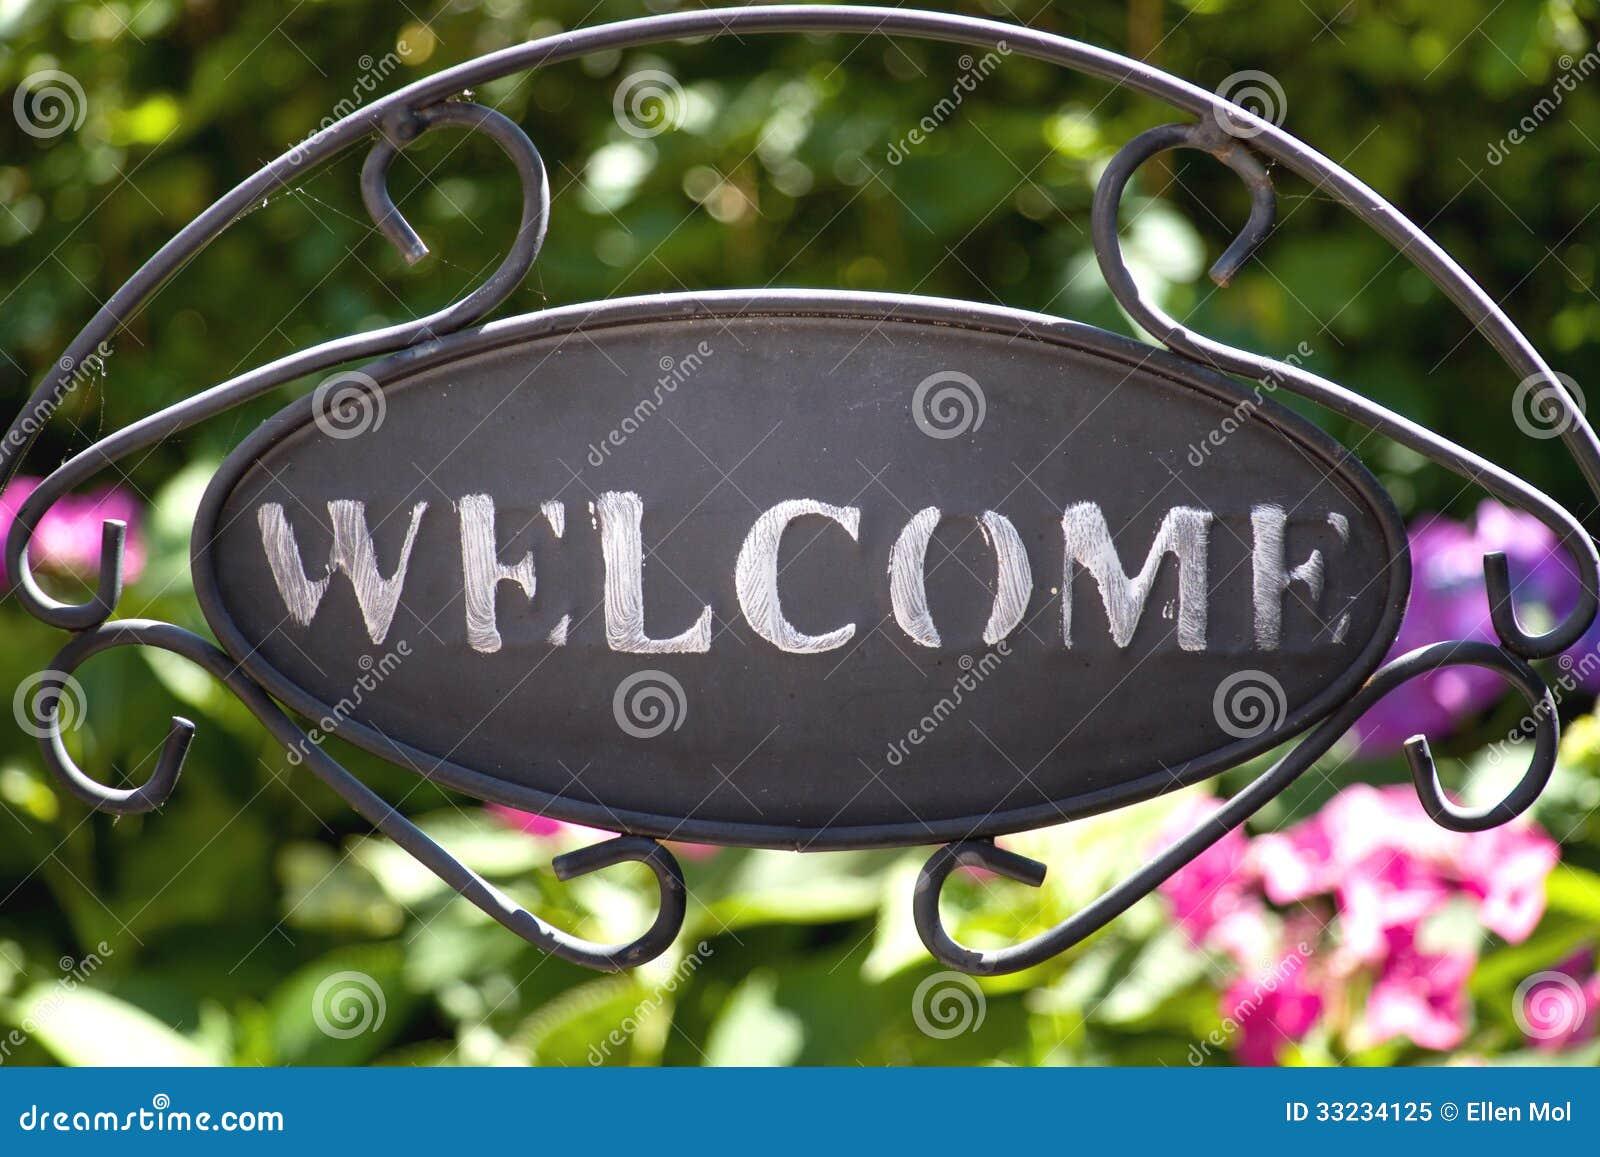 Teken Je Tuin : Welkom teken in de tuin stock afbeelding afbeelding bestaande uit